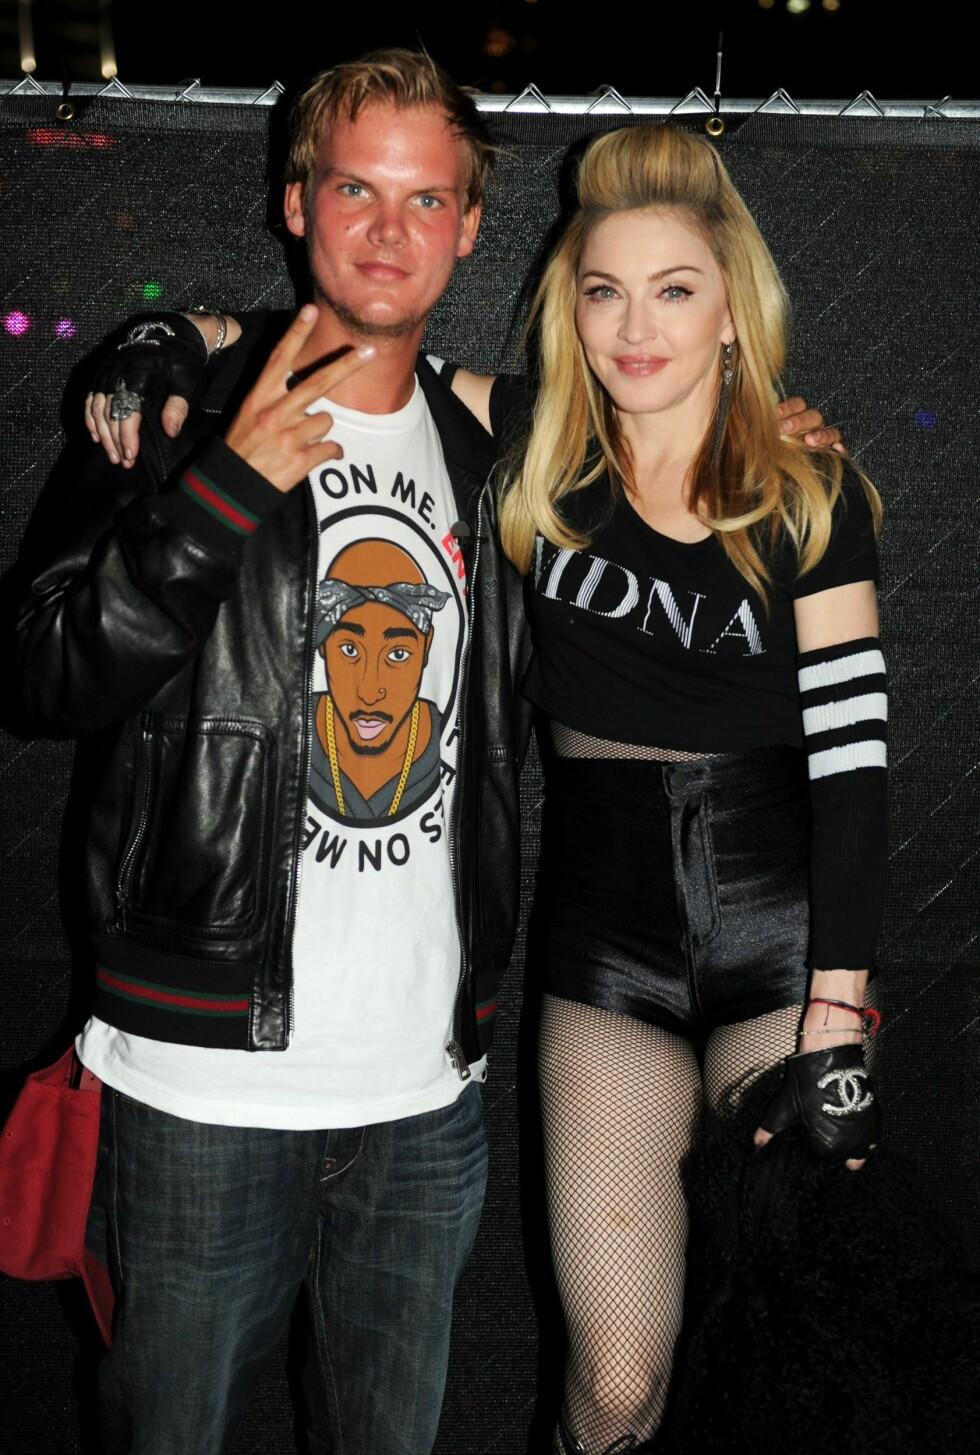 BERØMT: Avicii menger seg med alle de største Hollywood-stjernene. Her sammen med selveste Madonna.  Foto: All Over Press